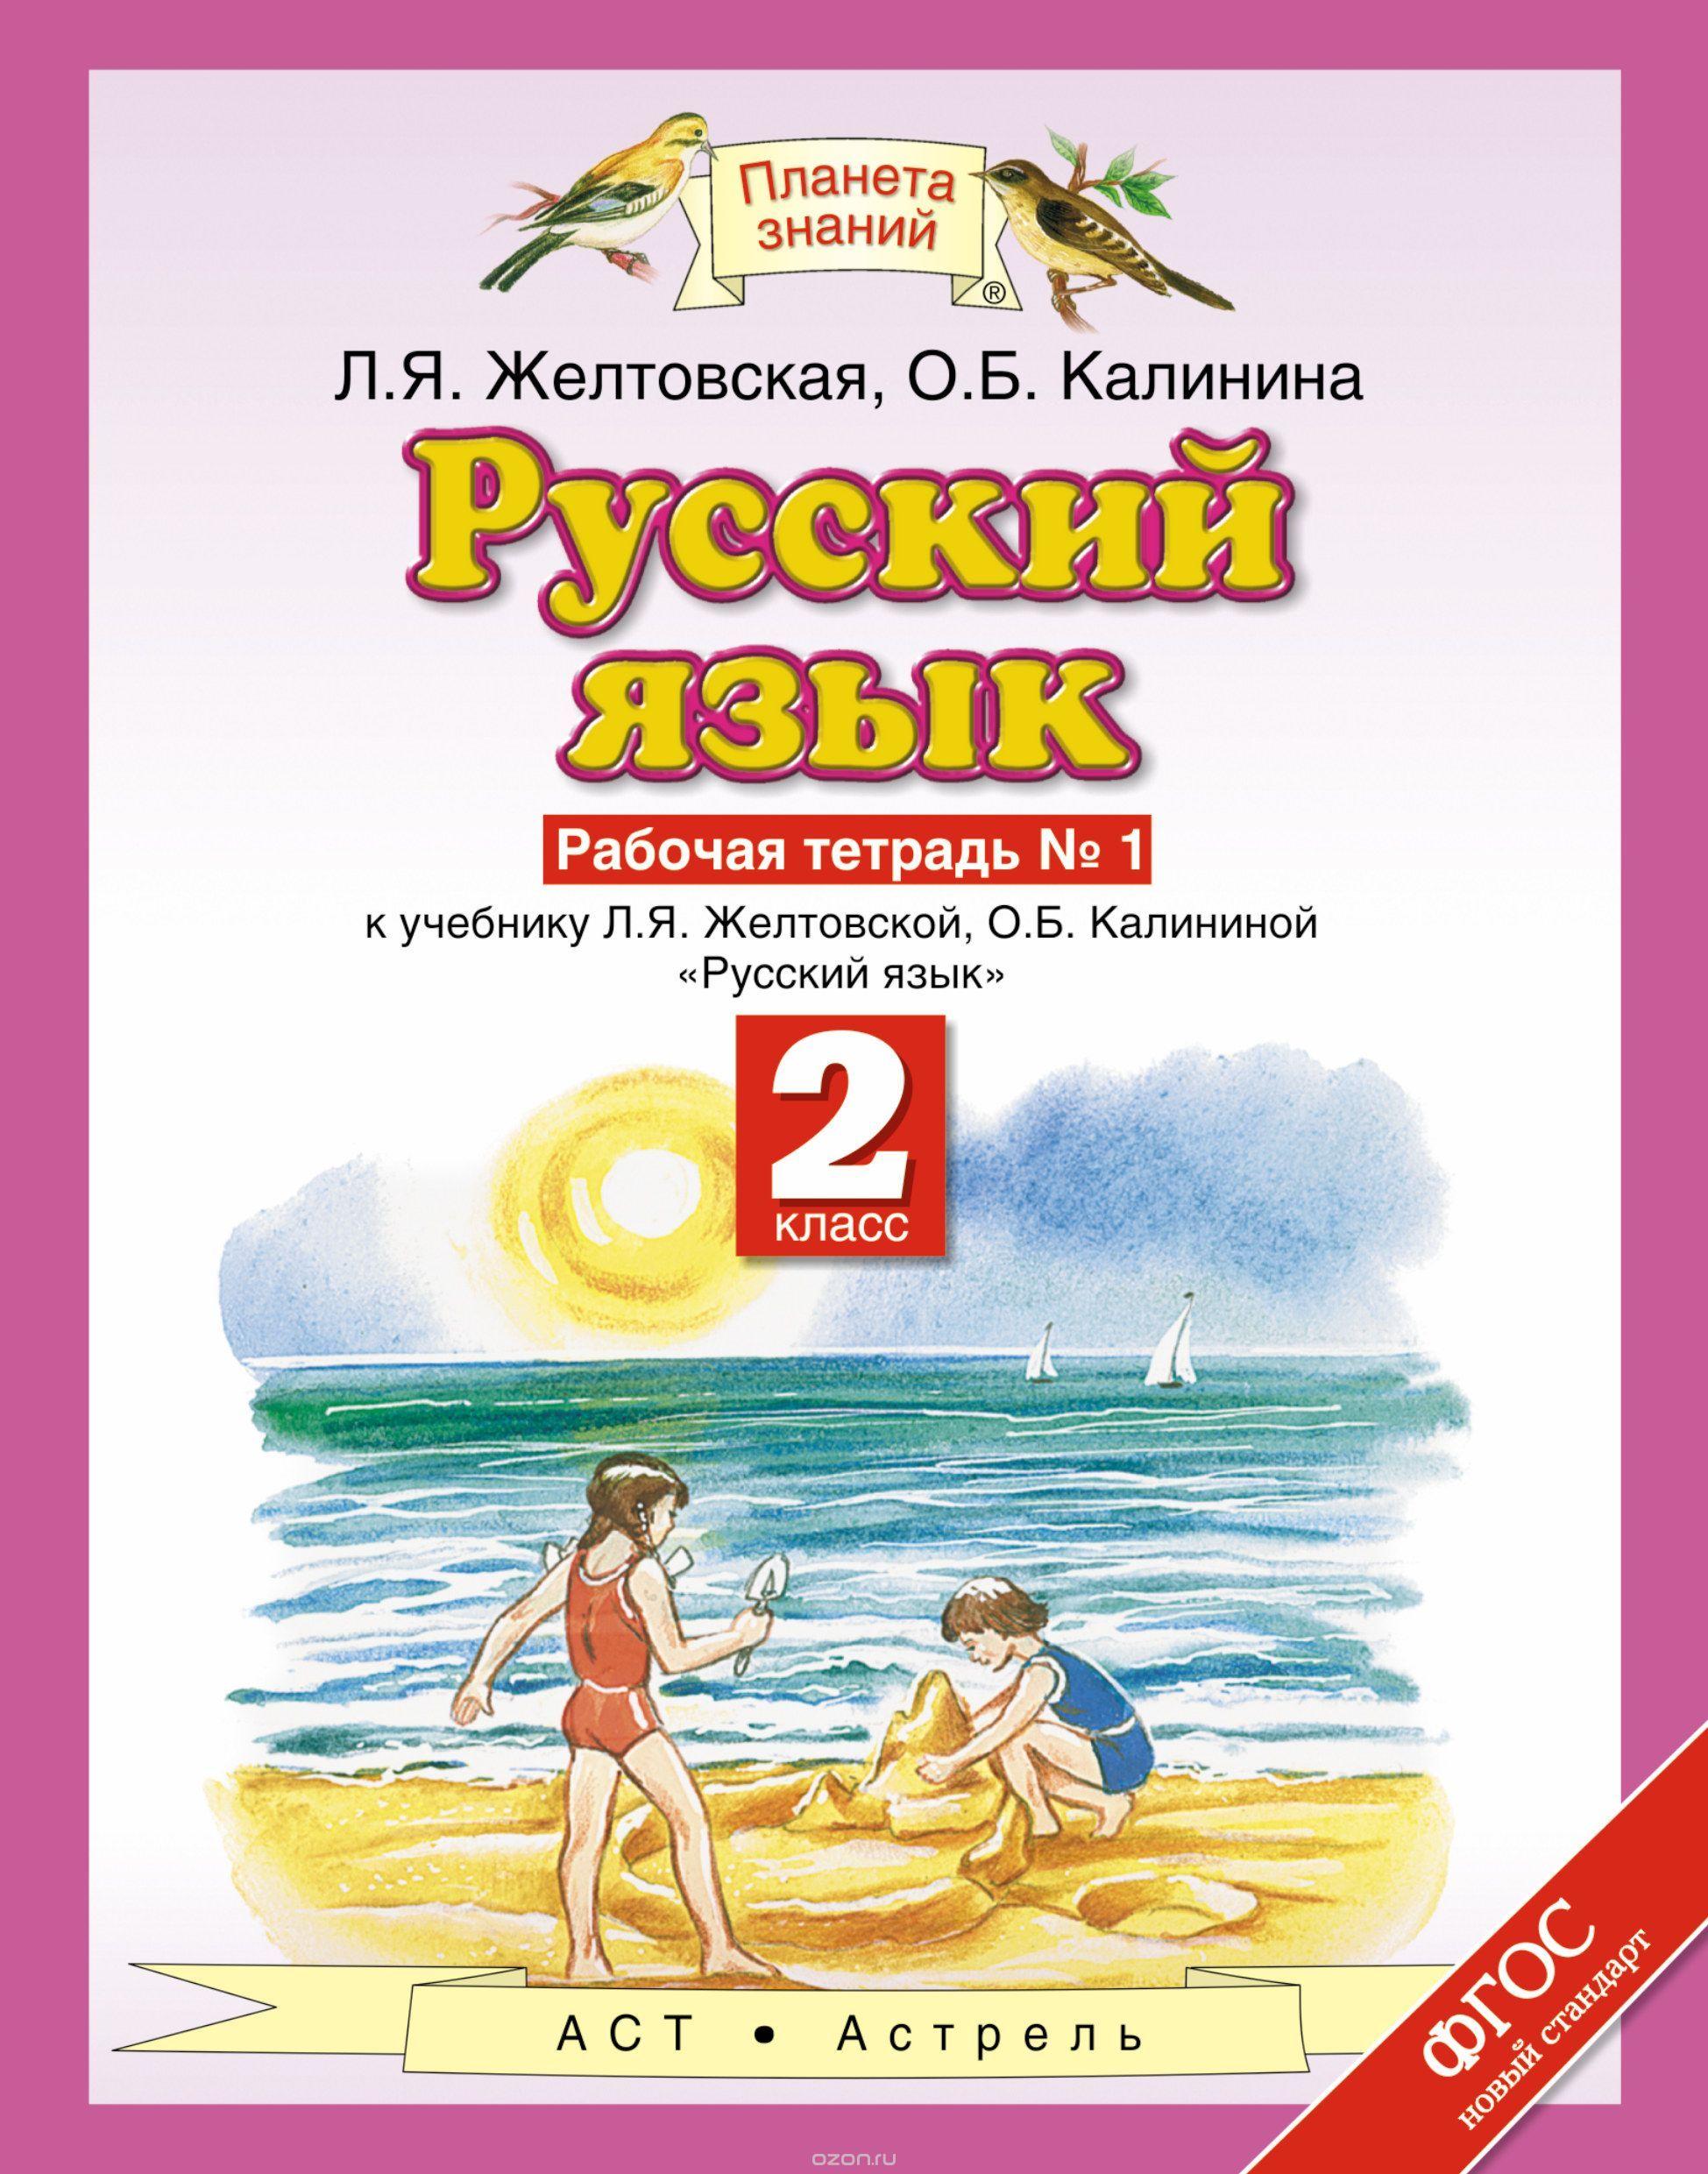 Гдз русский язык 3 класс планета знаний желтовская л я